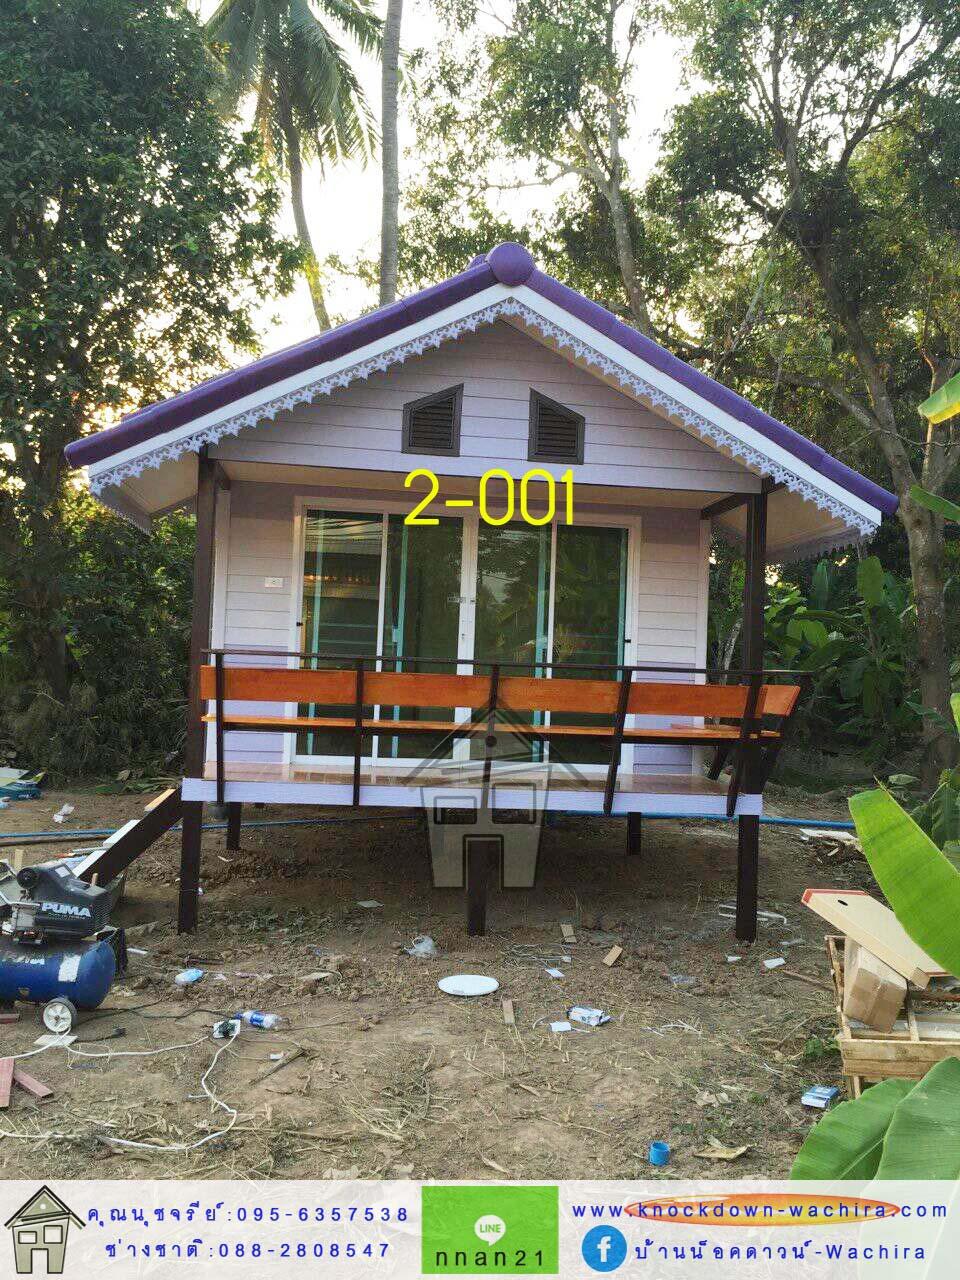 2-001 บ้านน็อคดาวน์ - ขนาด 3x5 เมตร